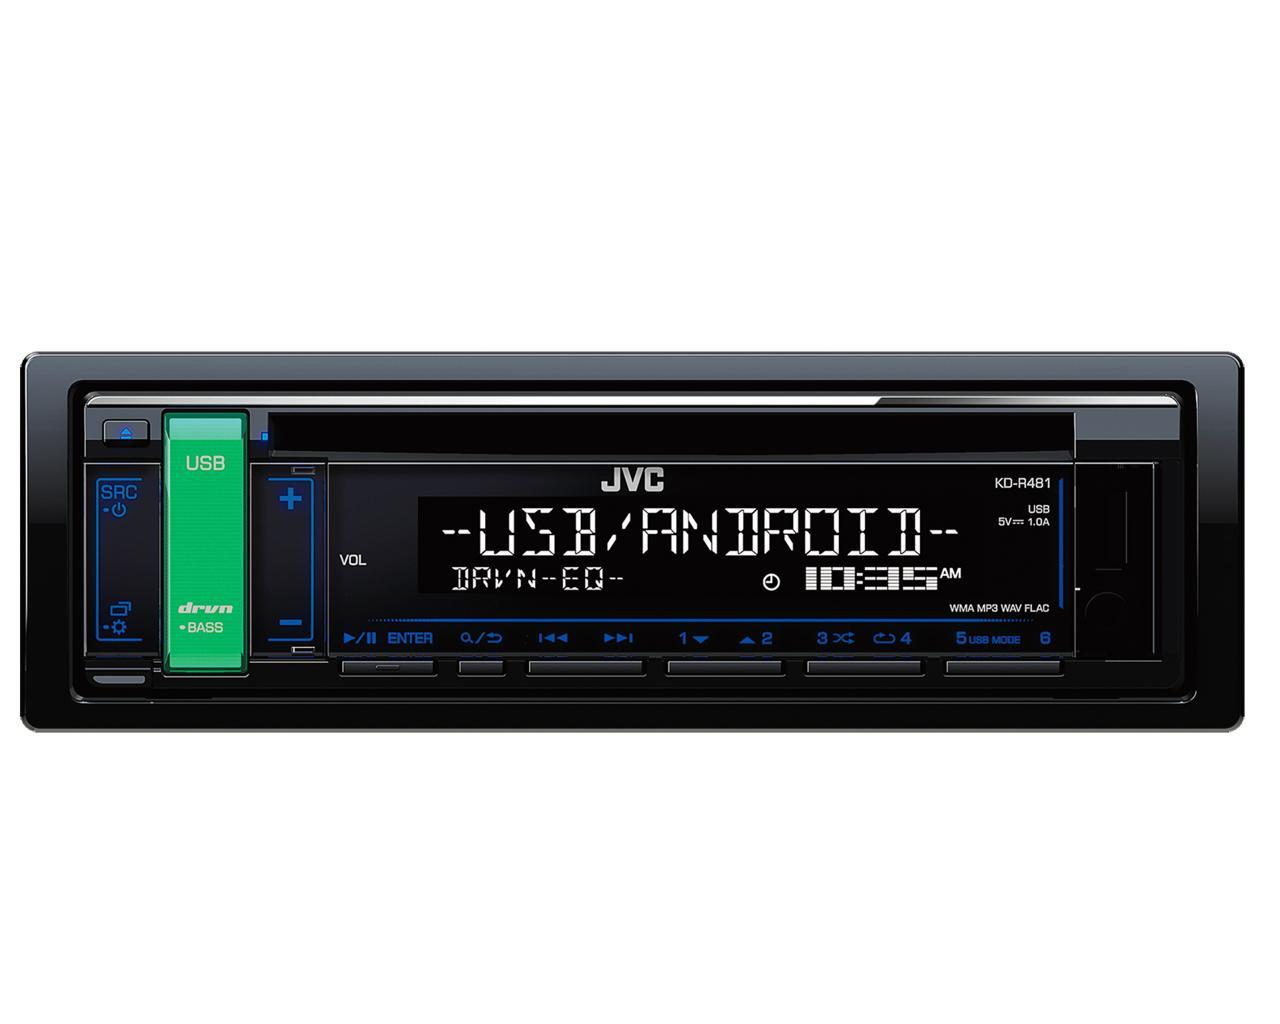 KD-R481